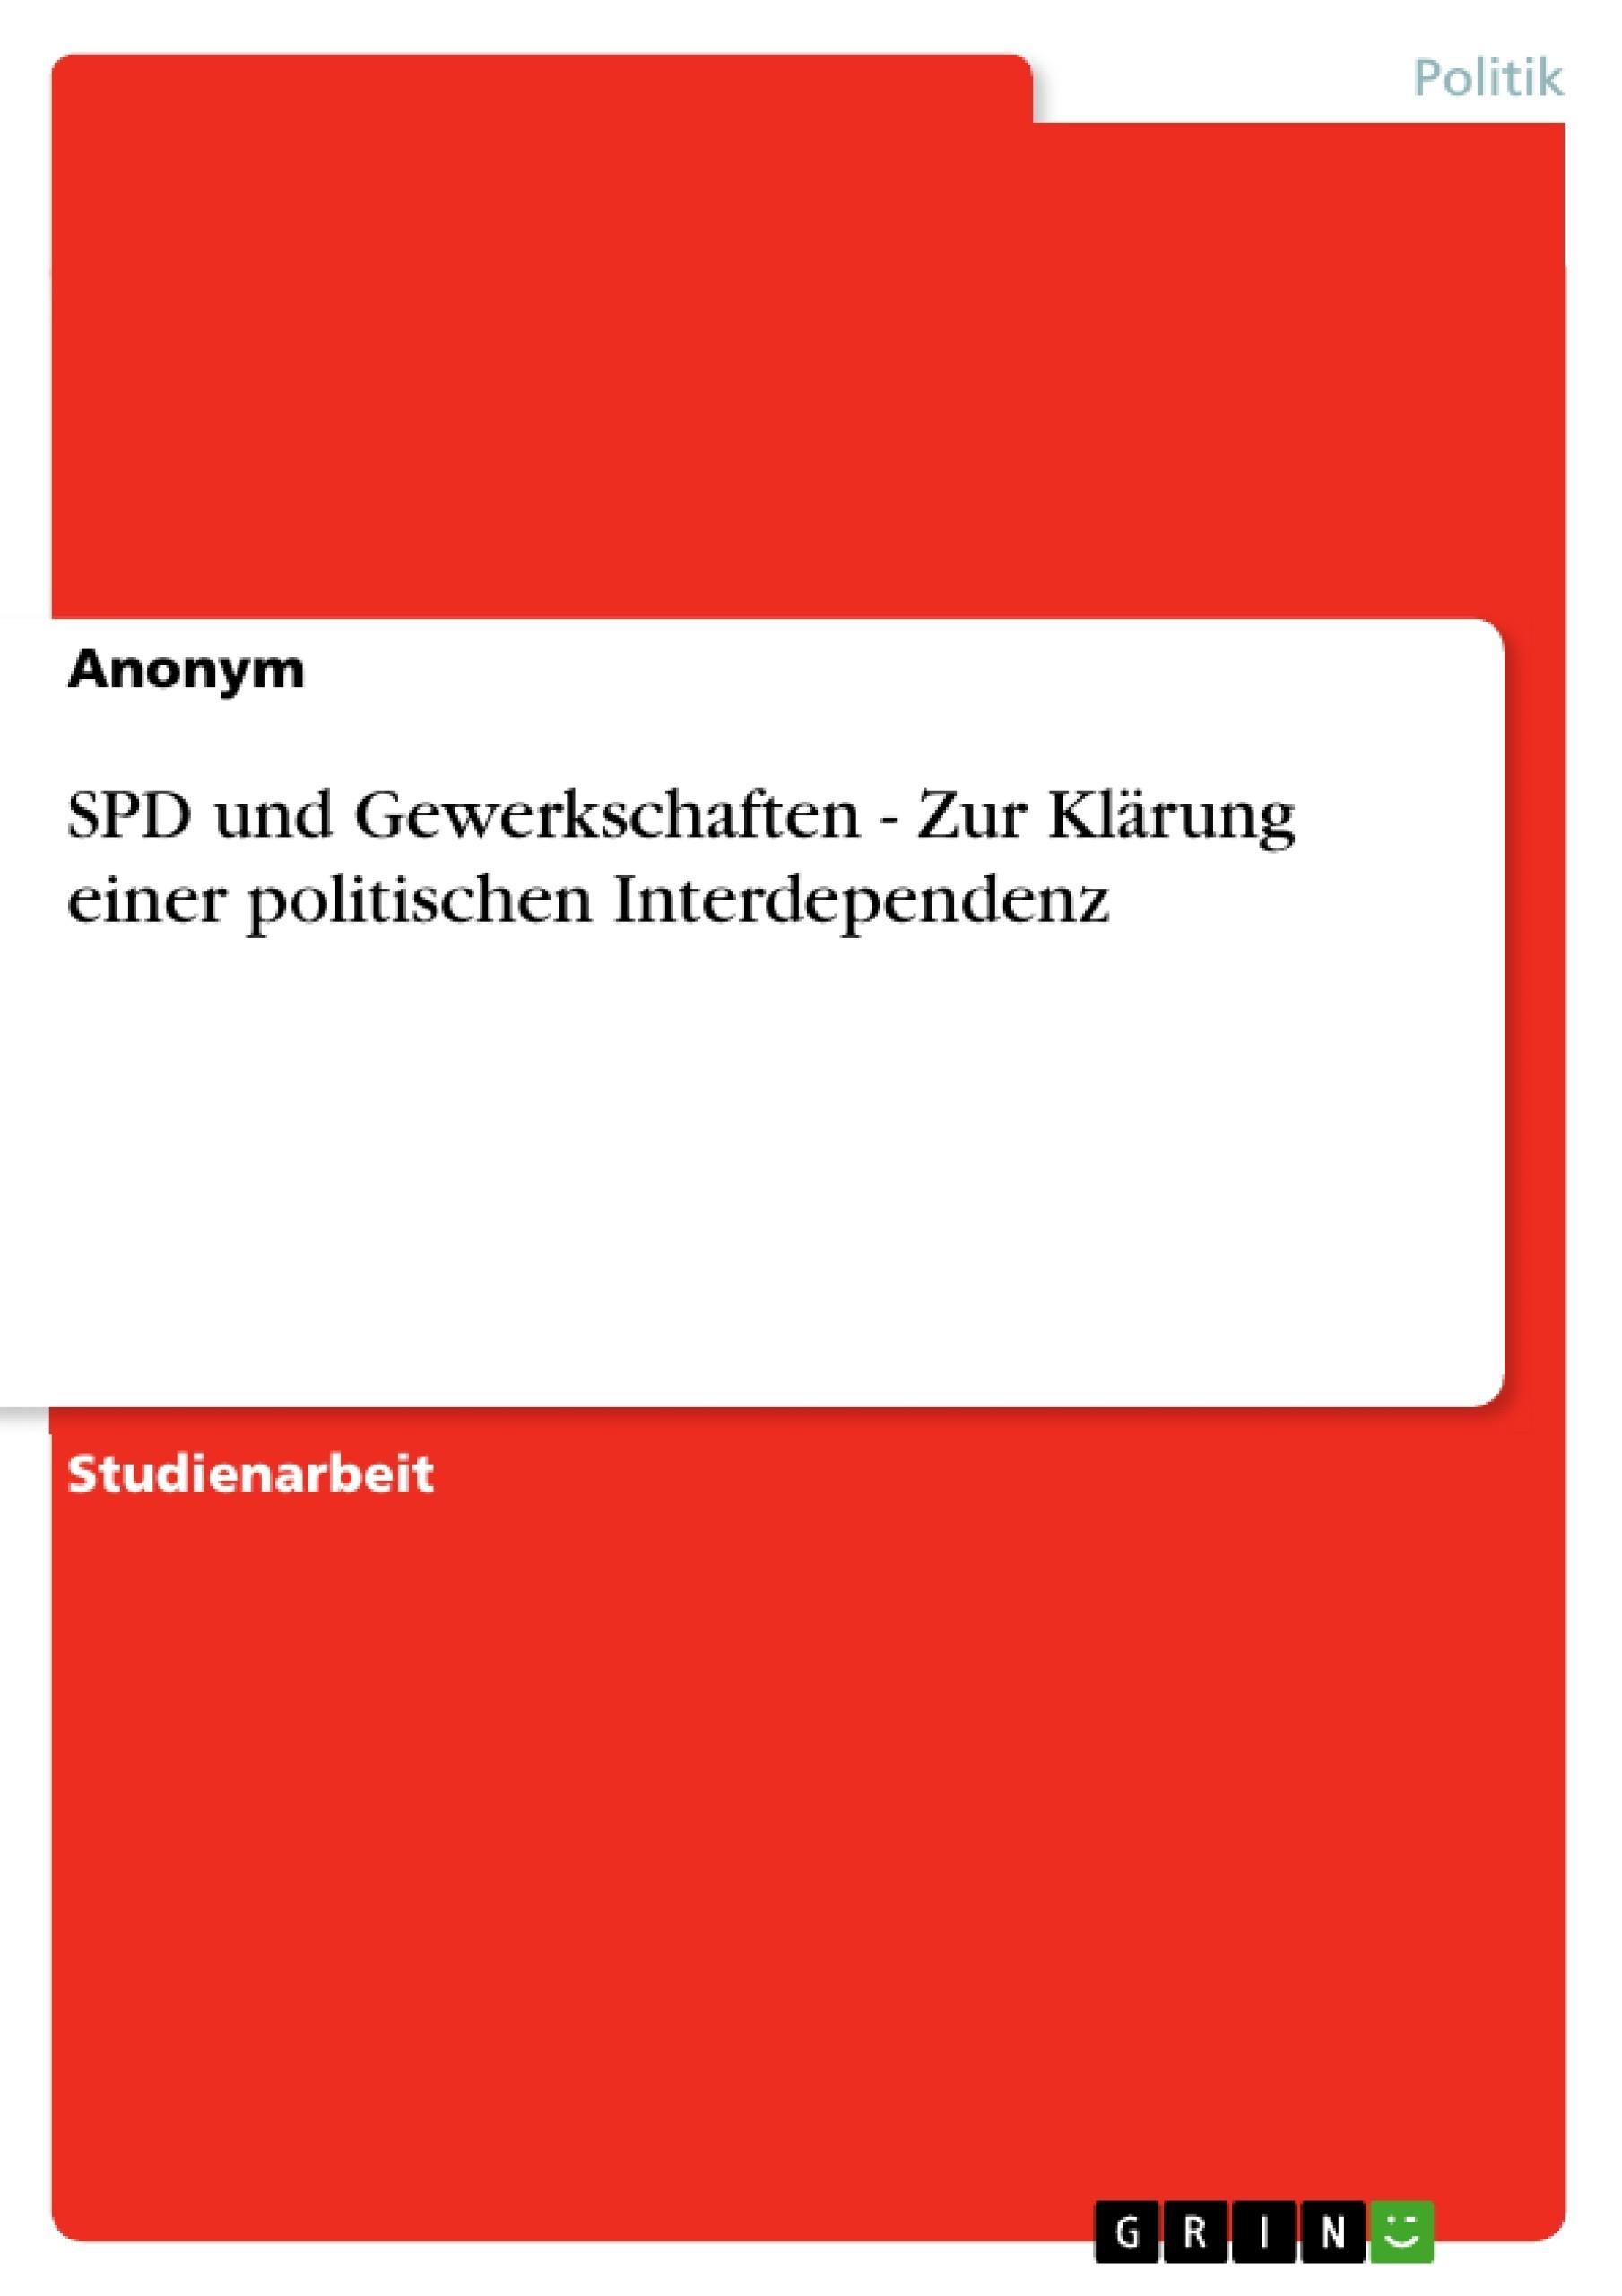 Titel: SPD und Gewerkschaften - Zur Klärung einer politischen Interdependenz